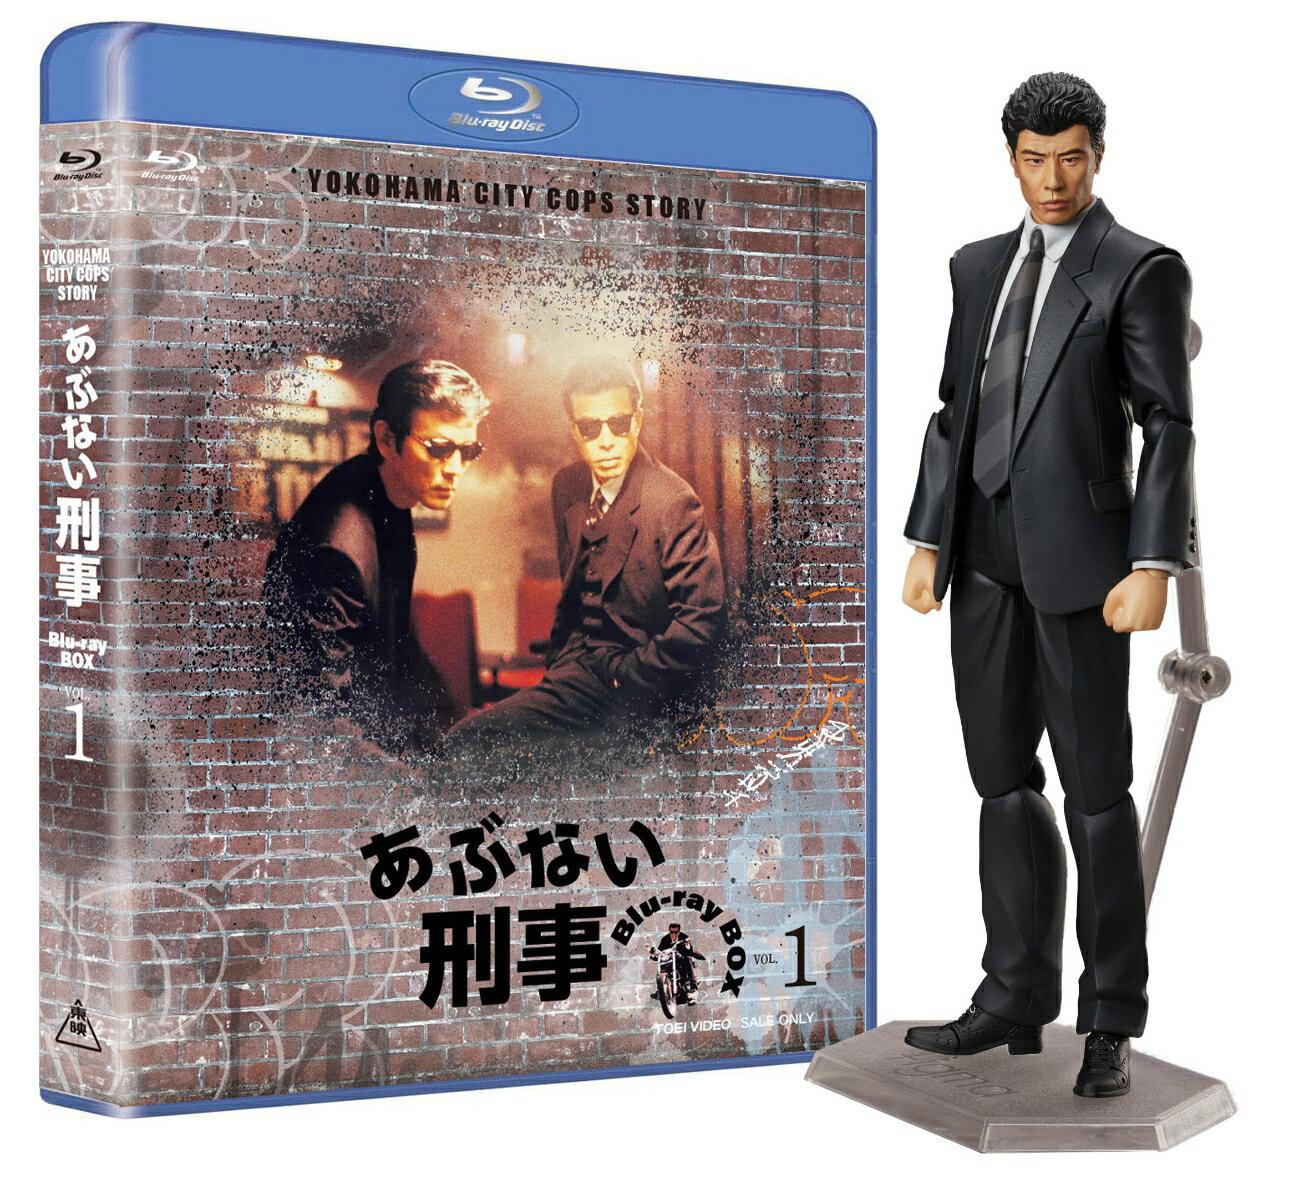 あぶない刑事 Blu-ray BOX VOL.1 タカフィギュア付き【Blu-ray】